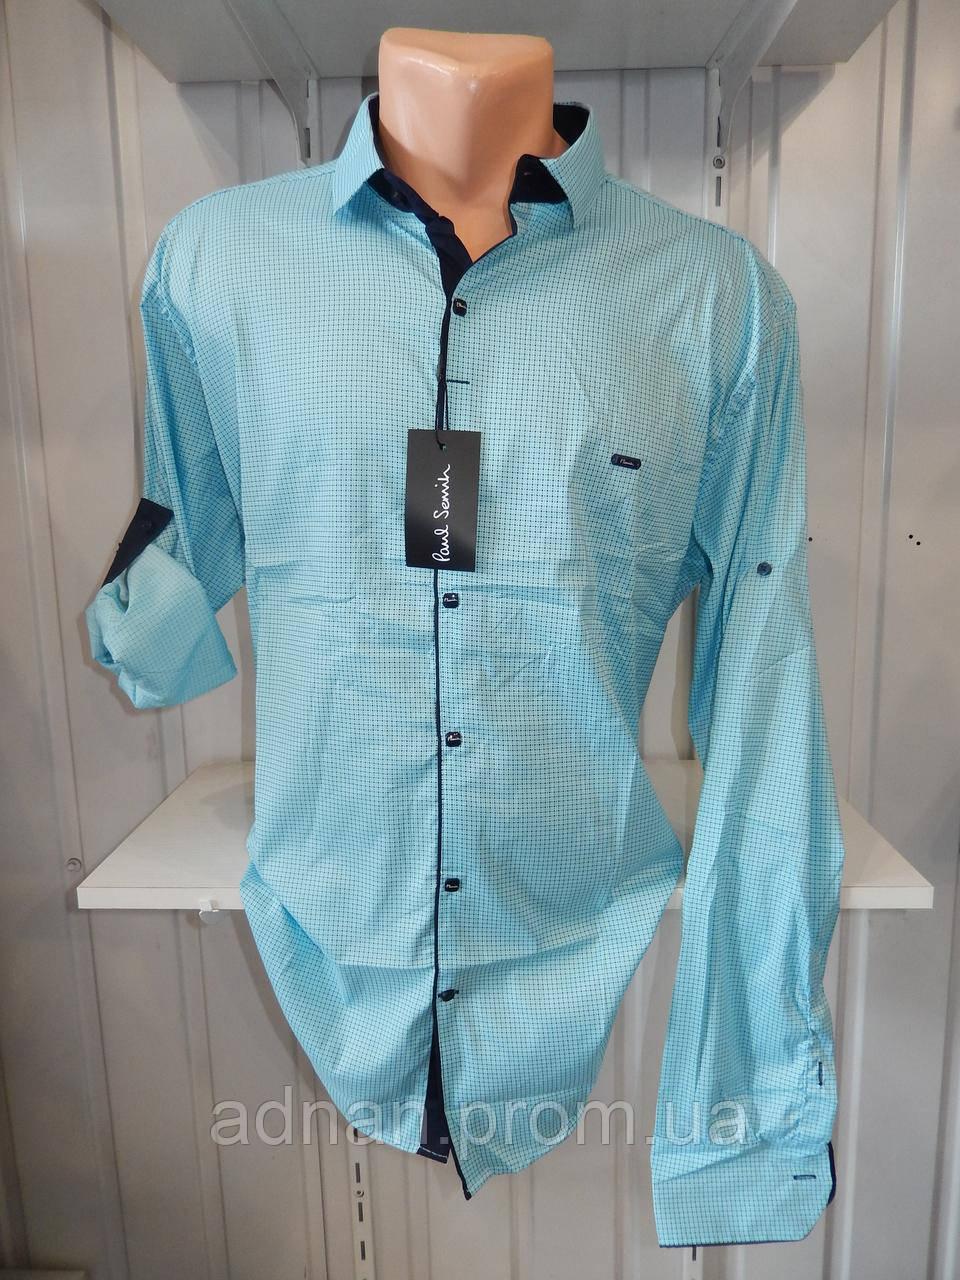 Рубашка мужская Paul Smith длинный рукав, батал, стрейч, мелкий узор №6 004 \ купить рубашку